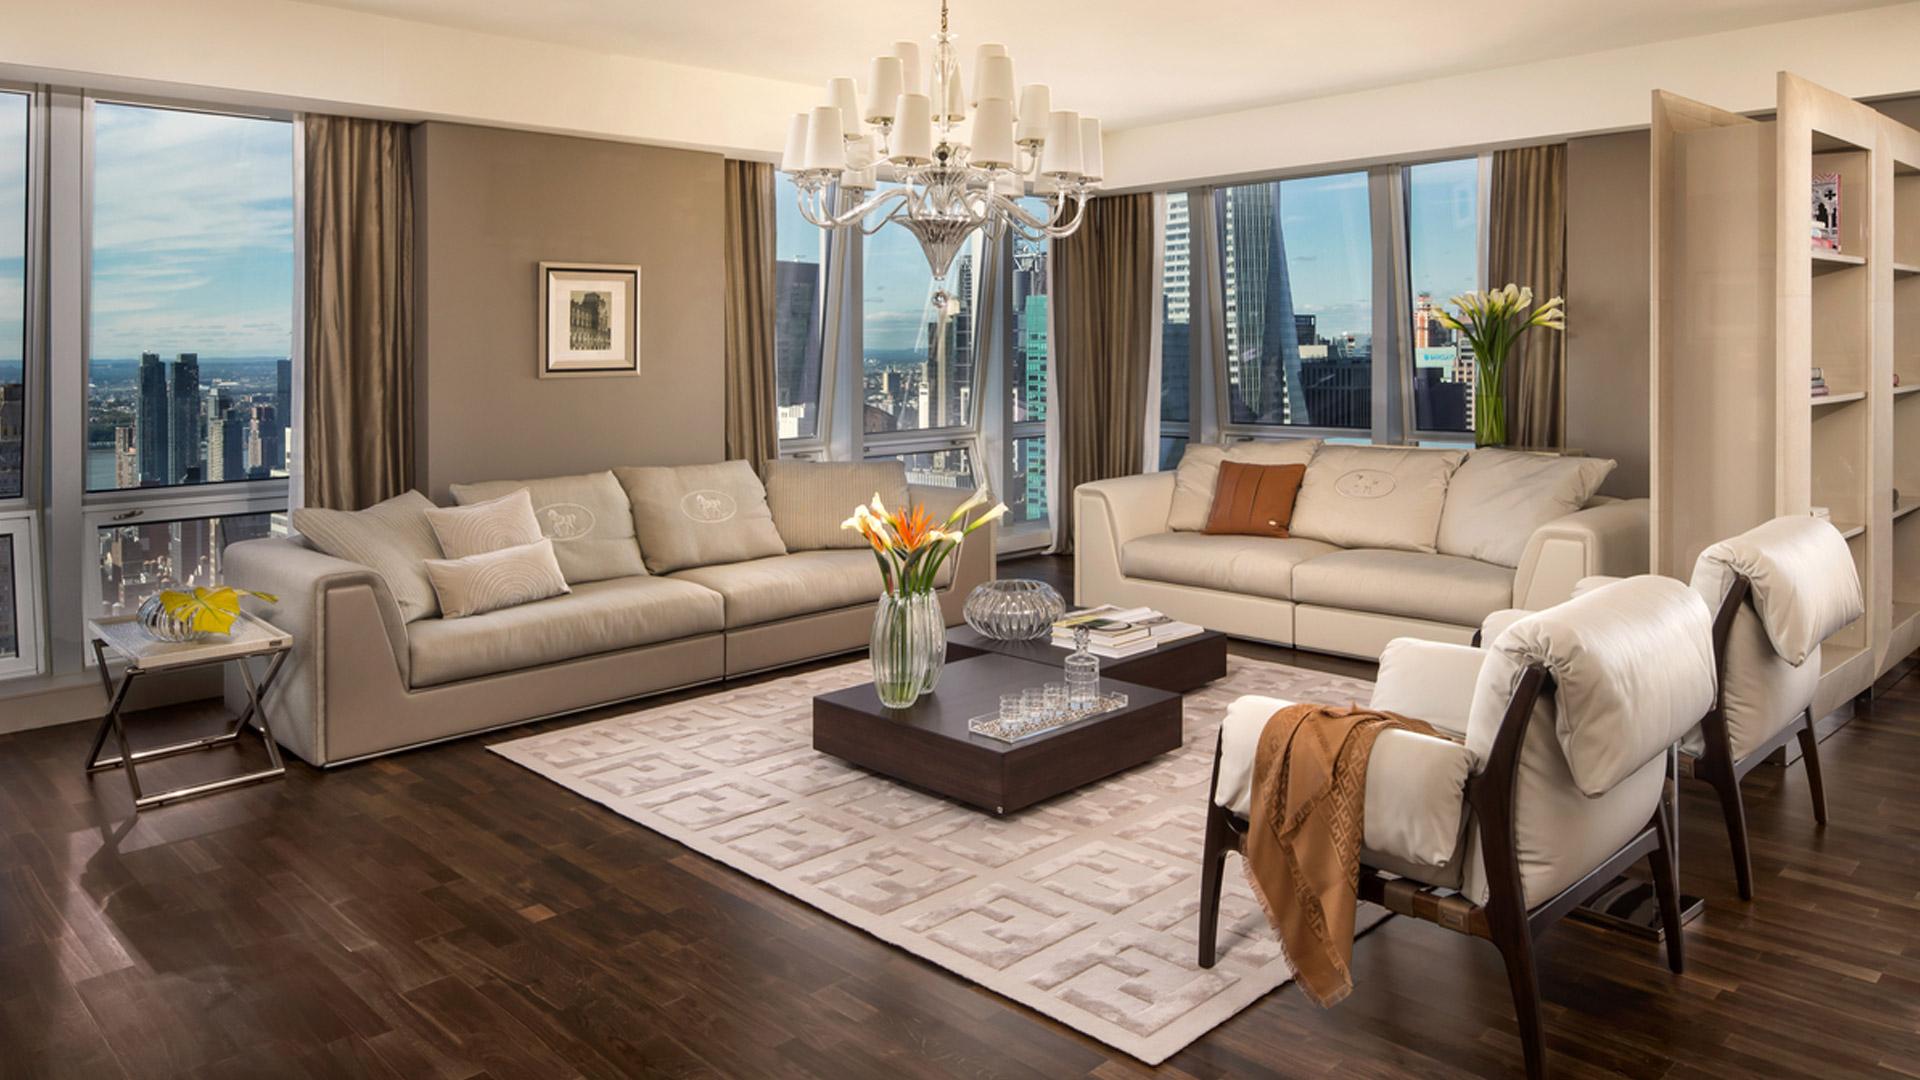 卫生间作为家居装修中比较重要的组成部分,享受它带我们的清新畅快图片